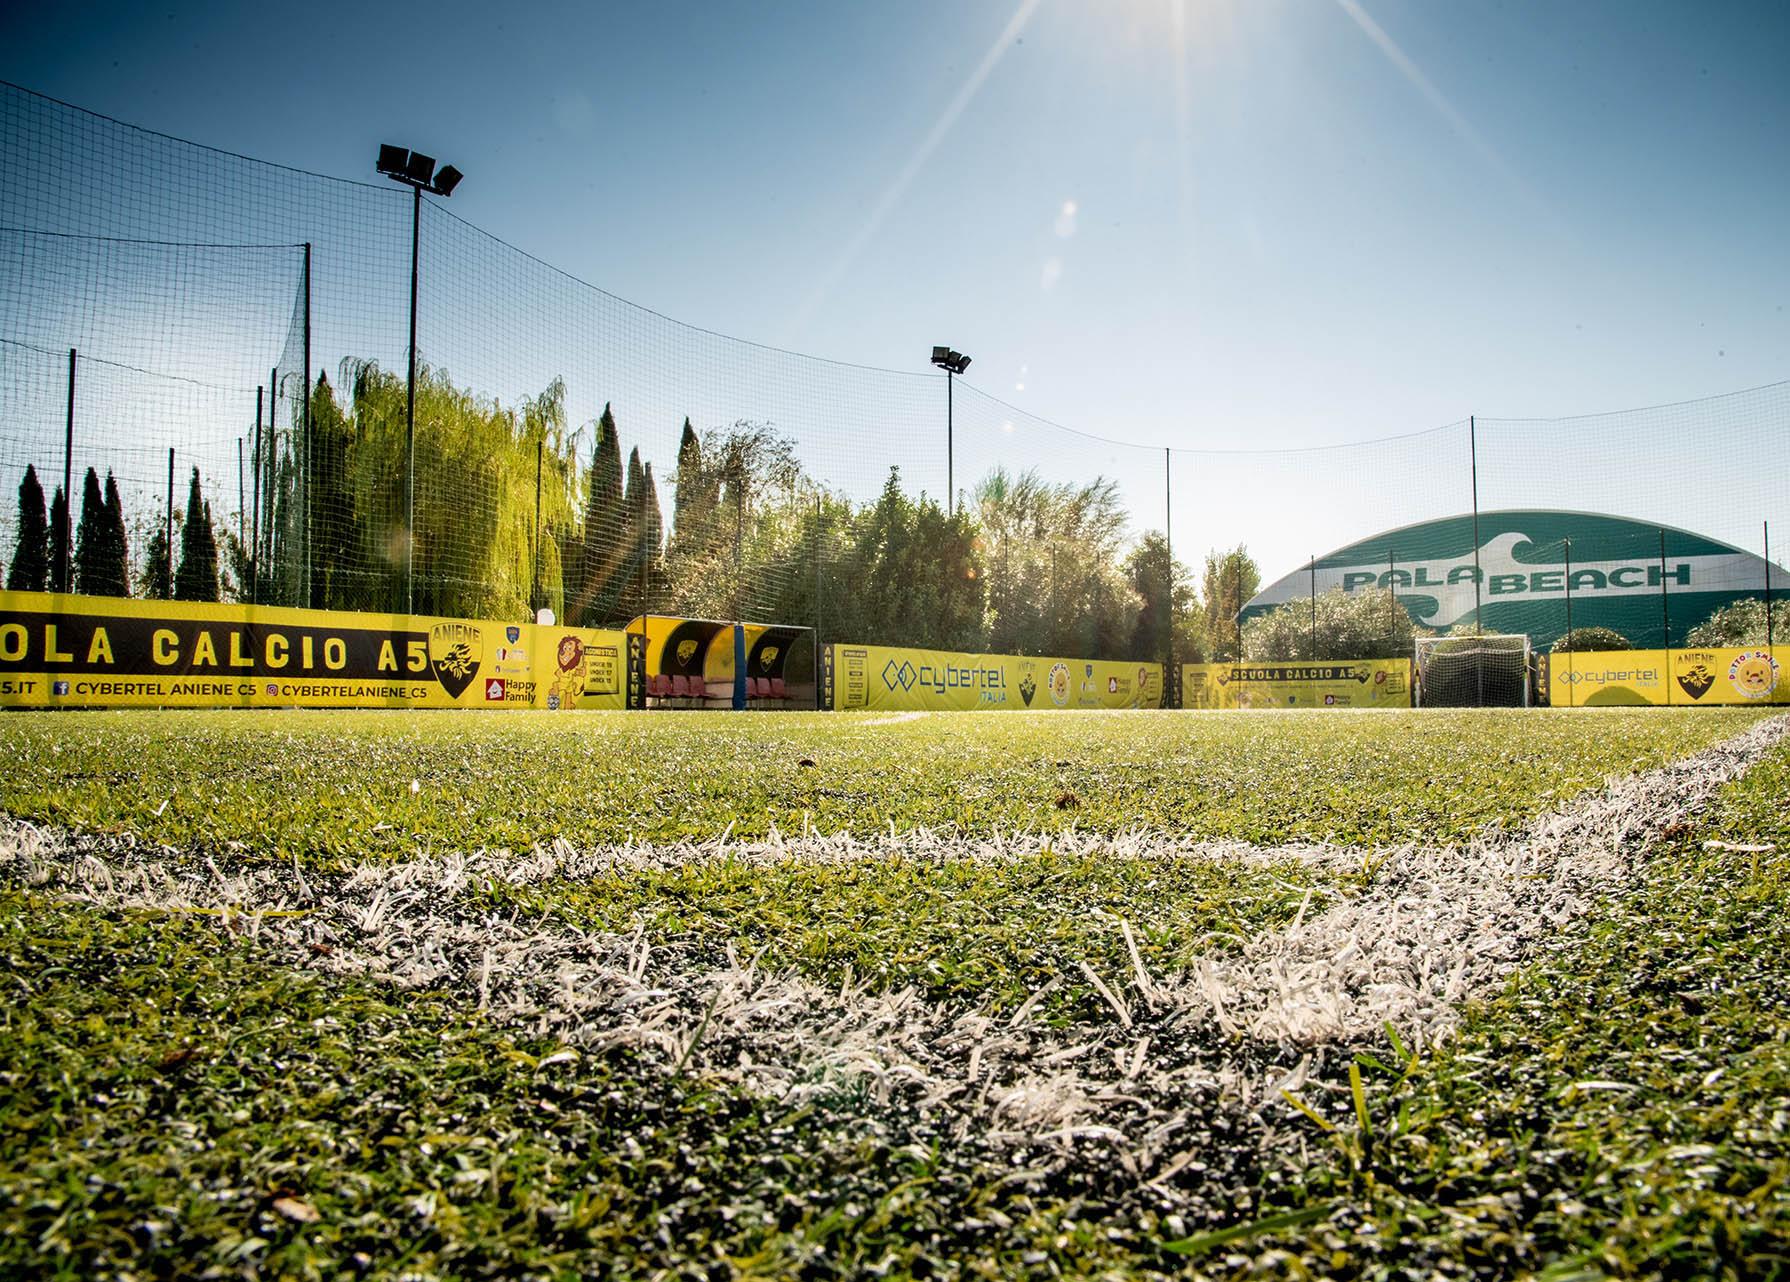 dettaglio campo di calcio